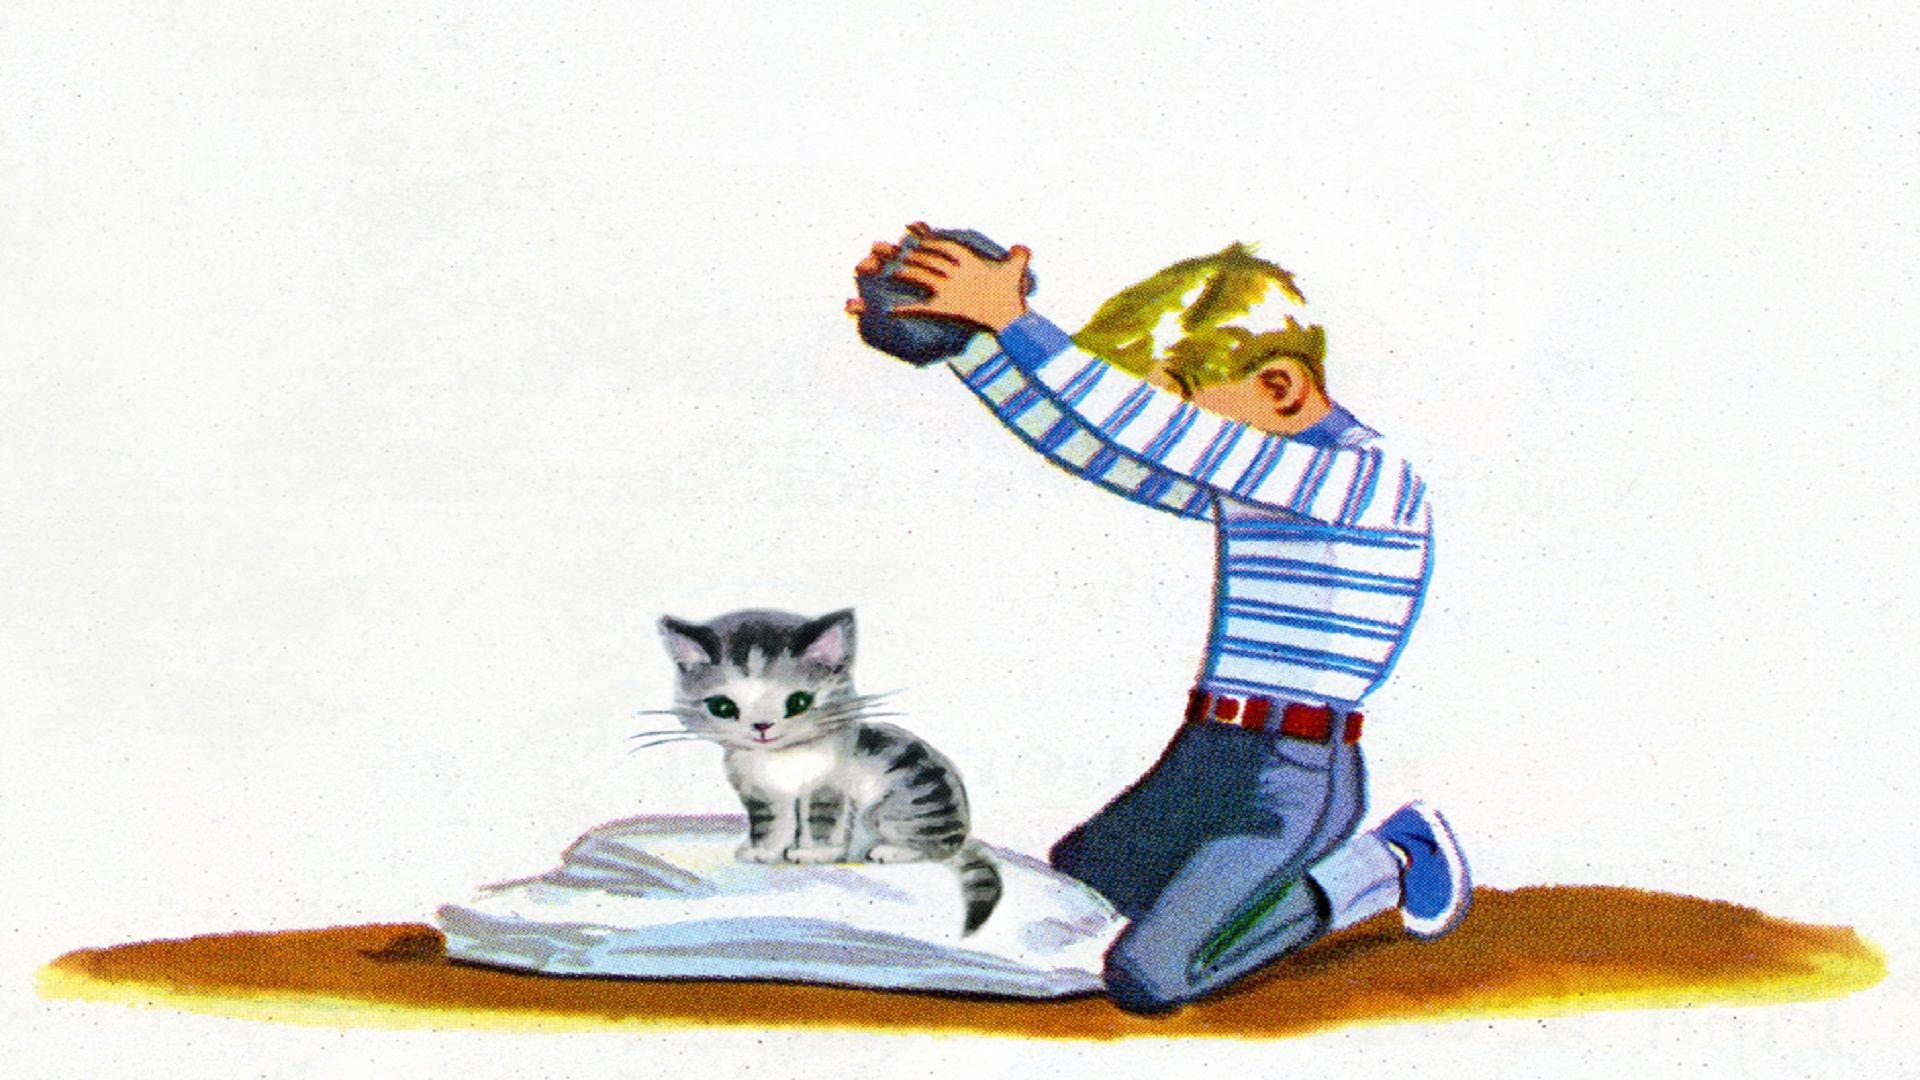 Cat Wallpaper [1920x1080]   Reddit HD Wallpapers   Cat wallpaper, Wallpaper, Cats